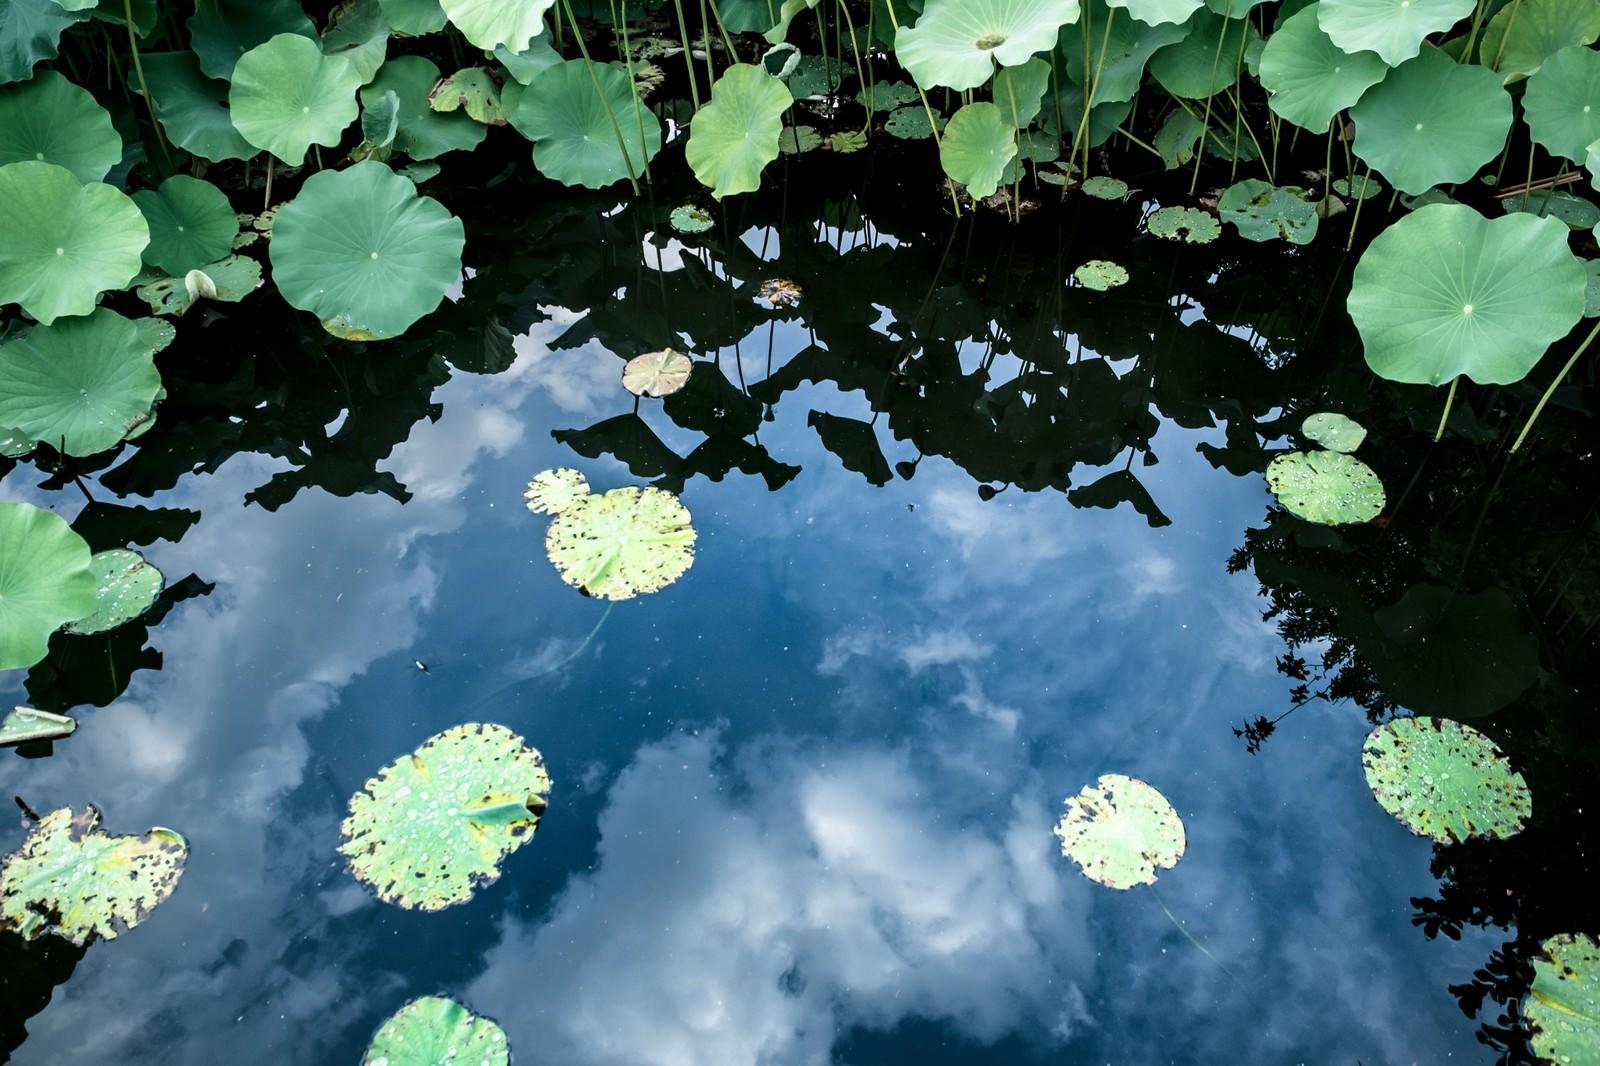 「水面に映る空と蓮の葉」の写真